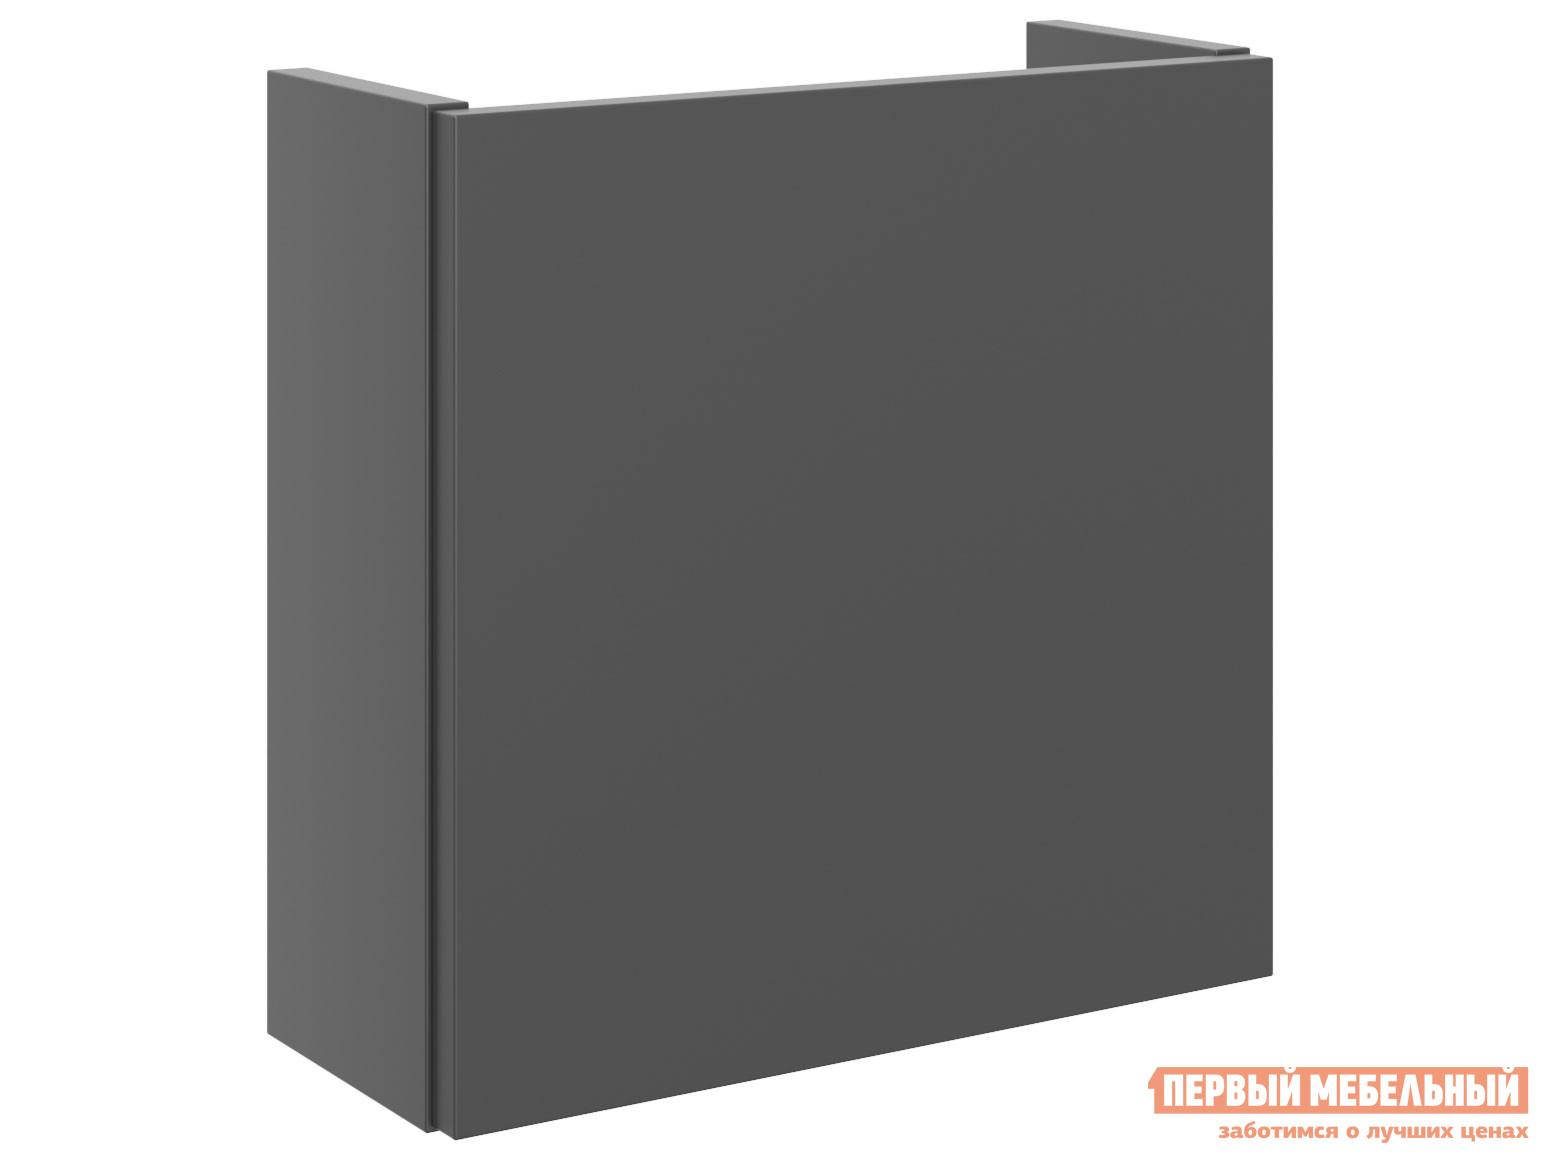 Стеллаж  Дверка к стеллажу Микс Темно-серый — Дверка к стеллажу Микс Темно-серый